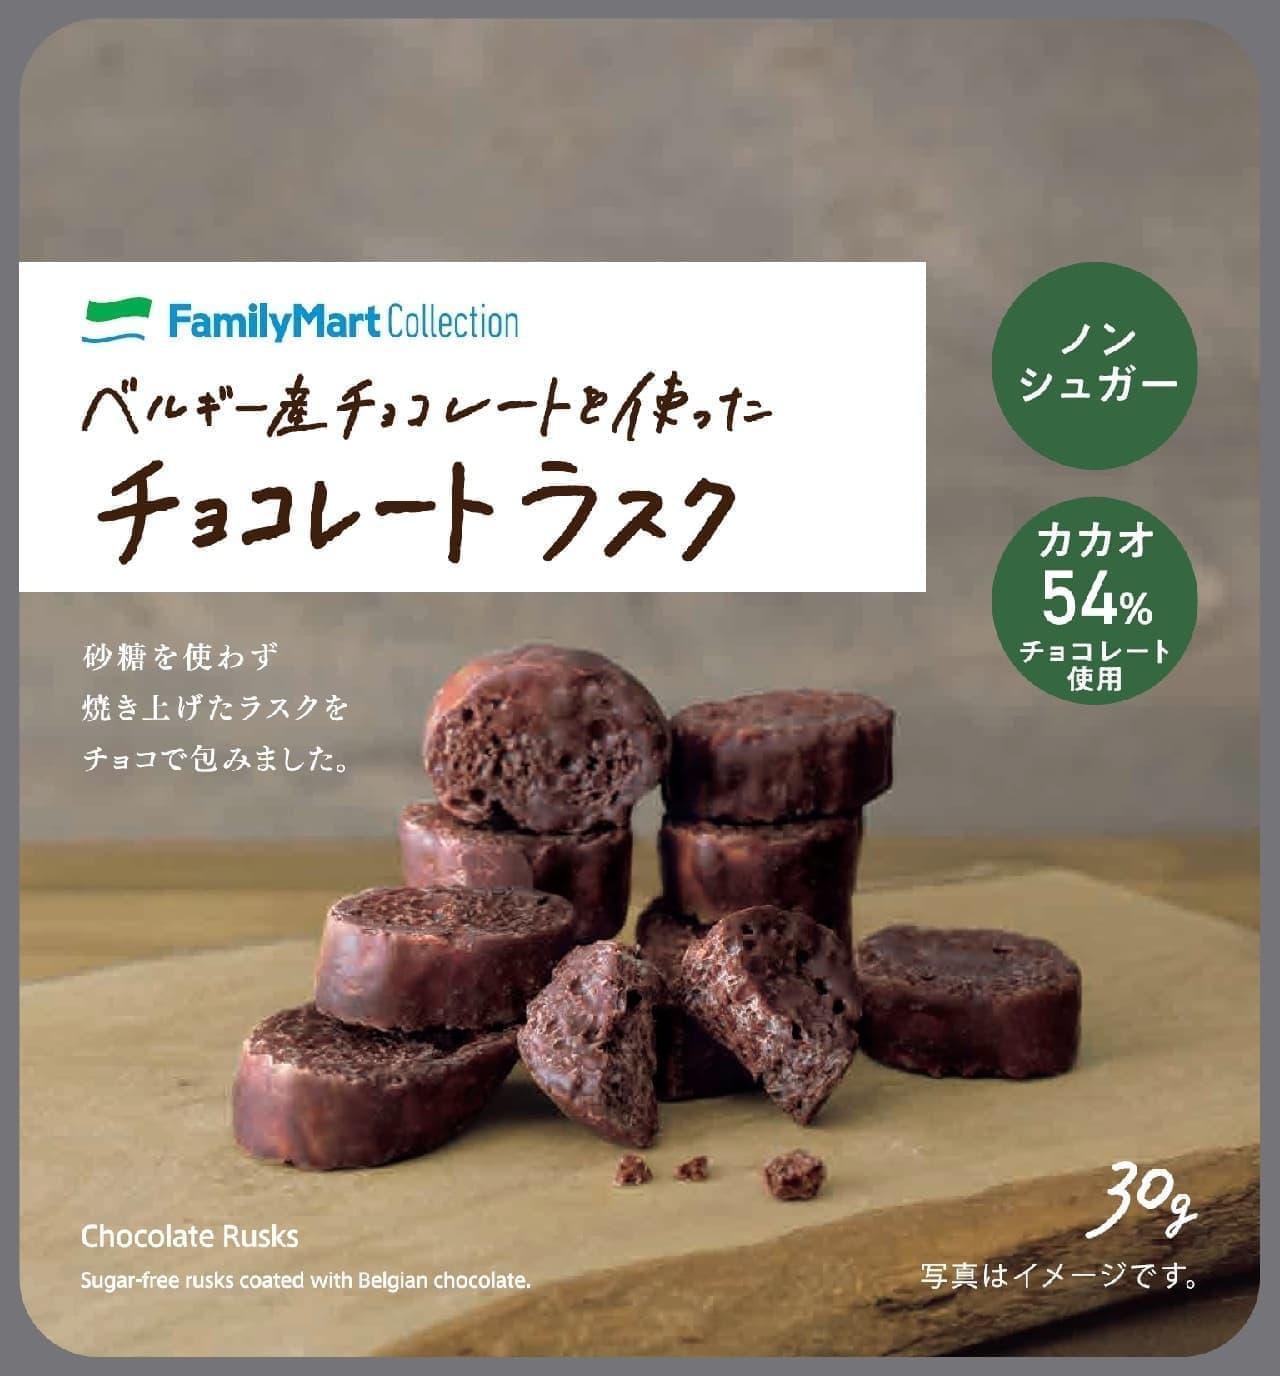 ファミリーマート「ベルギー産チョコレートを使ったチョコレートラスク」